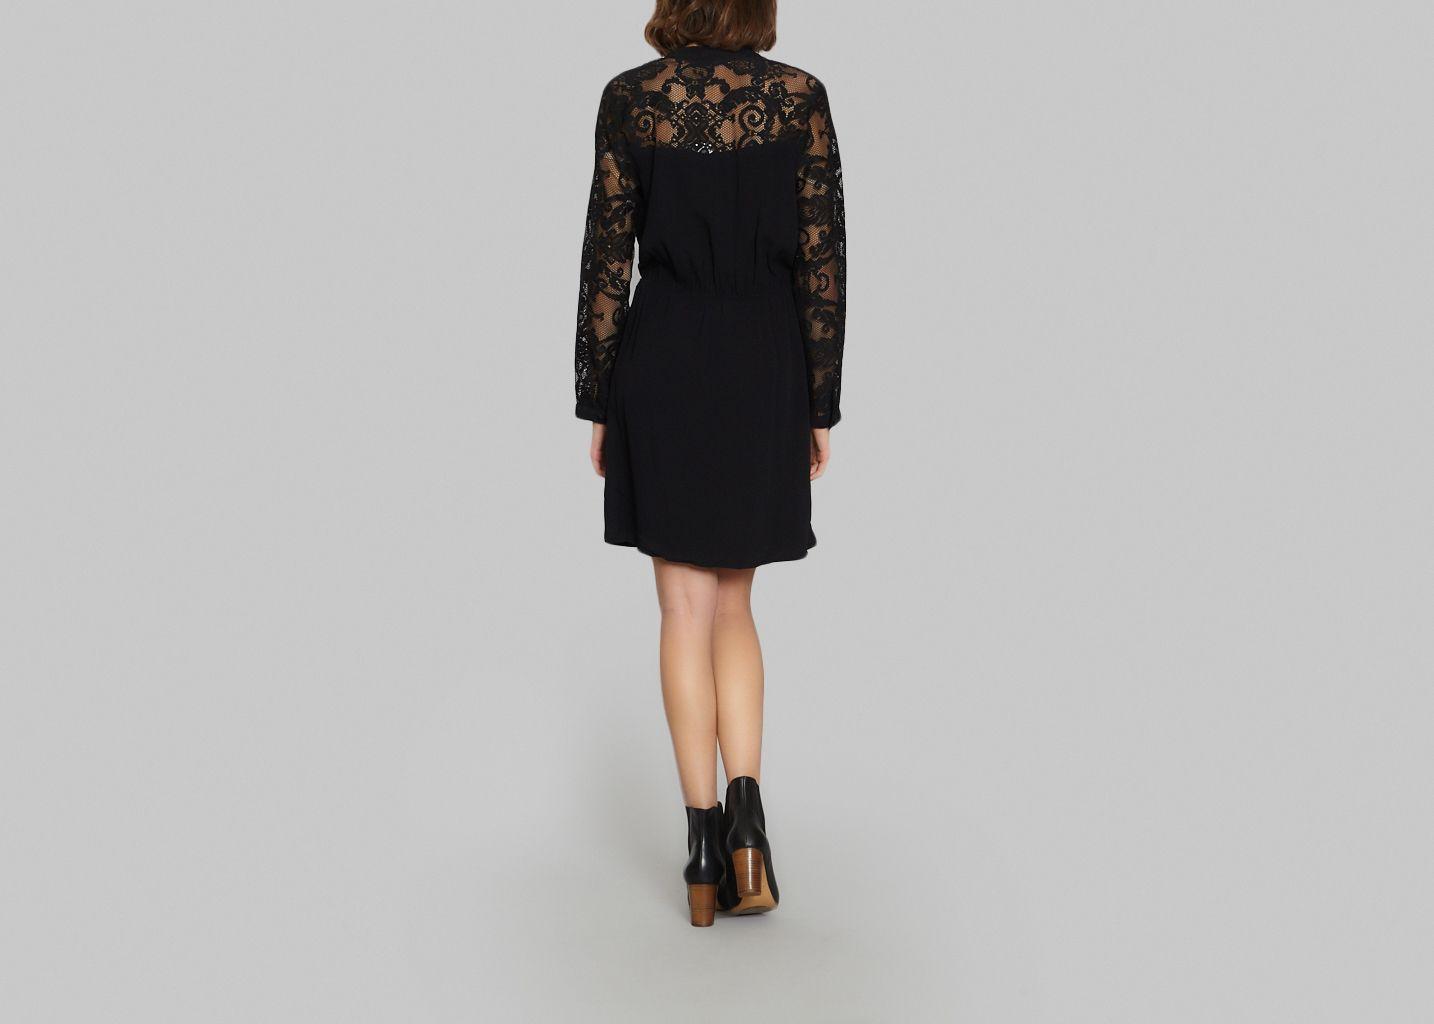 robe zola la petite fran aise noir l 39 exception. Black Bedroom Furniture Sets. Home Design Ideas